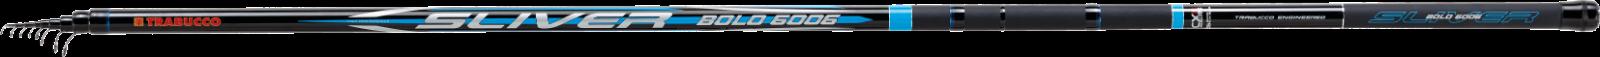 TRABUCCO SLIVER STX BOLO 5.00m; 6.00m. Carbon Bolo Rod NEW 2019